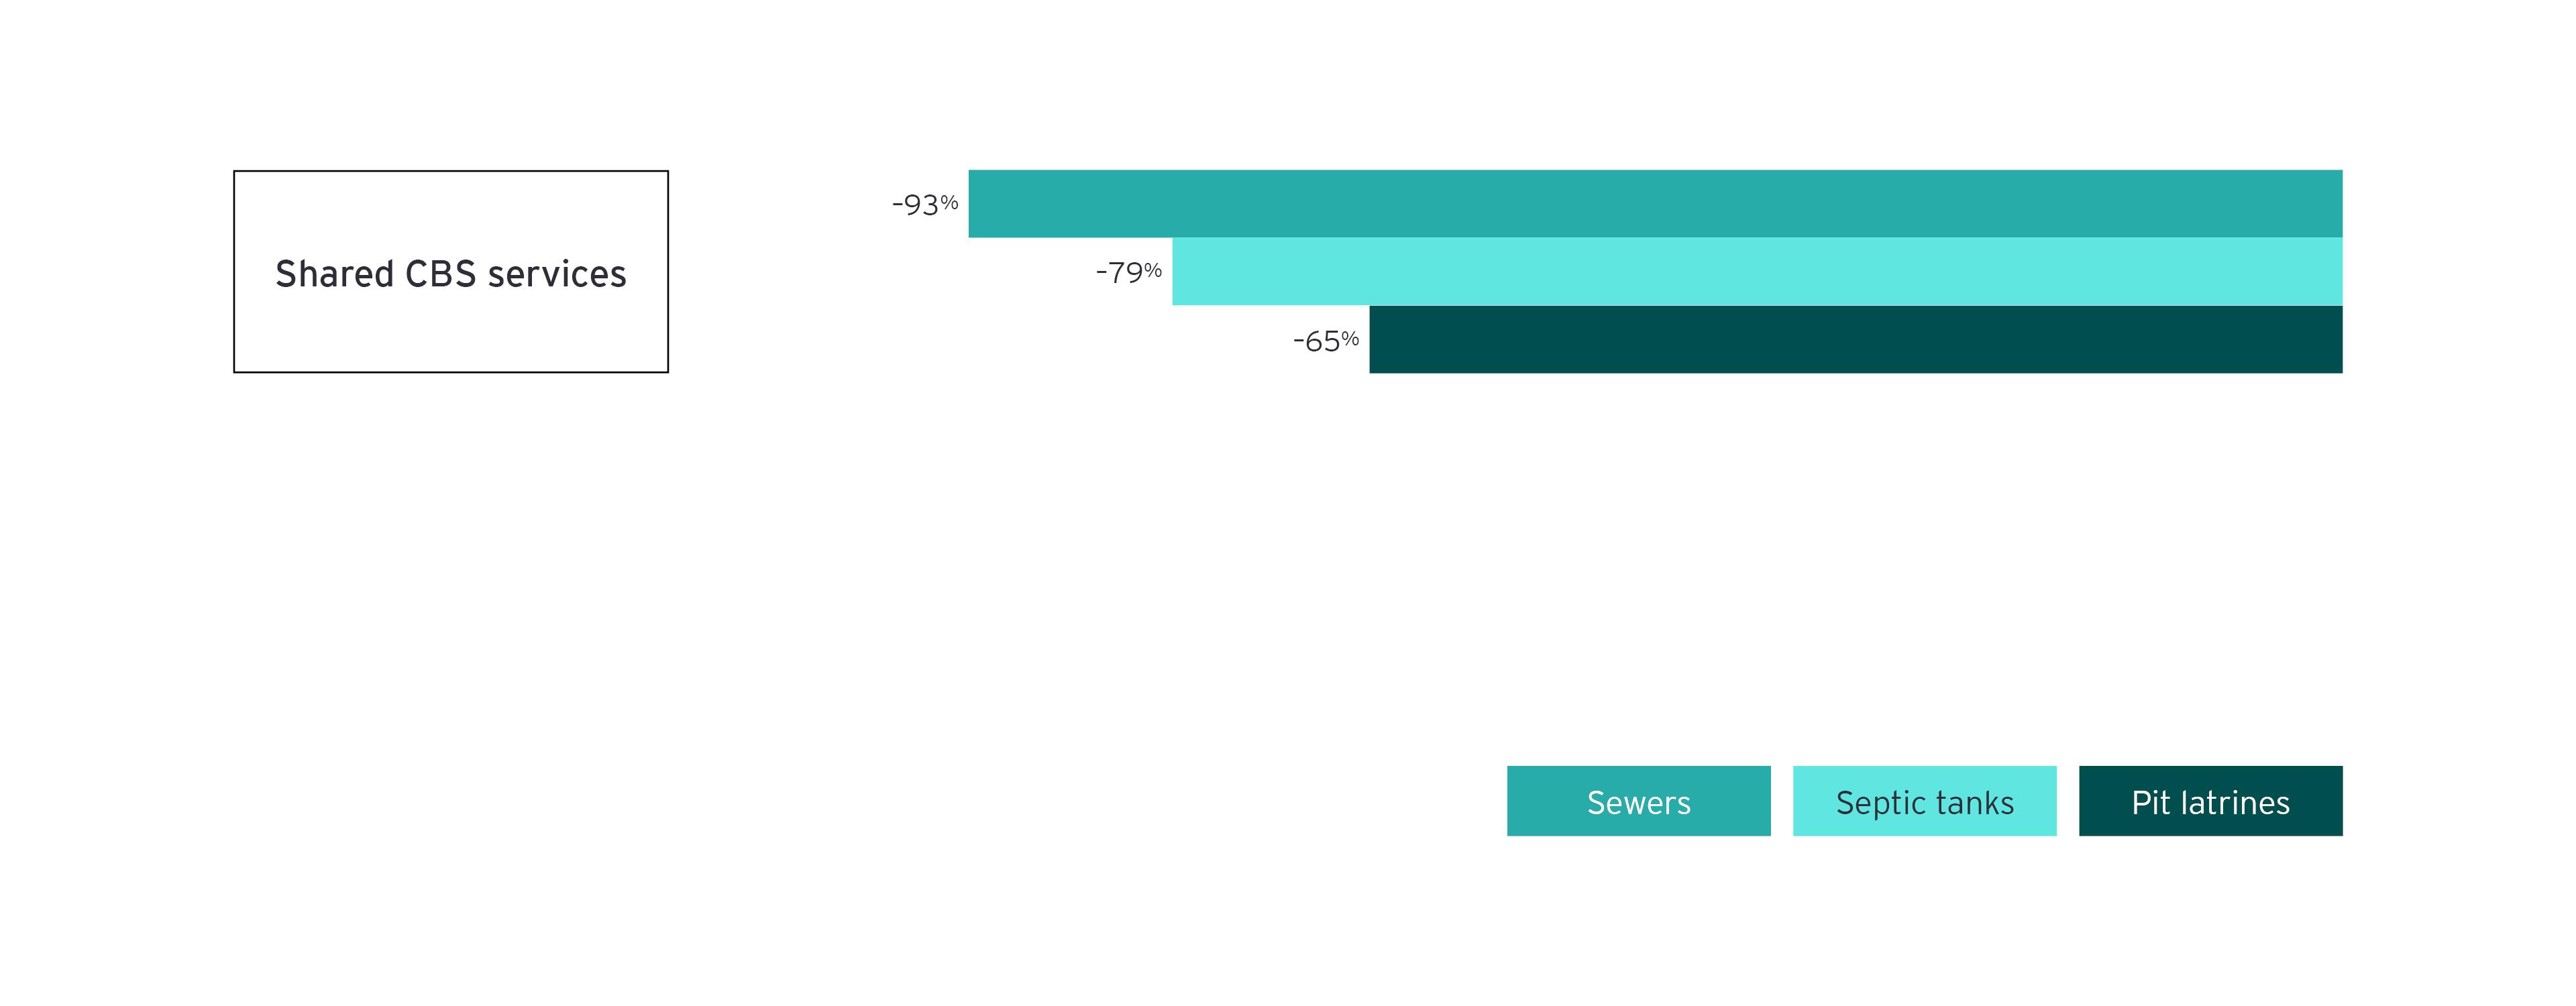 Diferencia porcentual en el costo anual por hogar de los cbs compartidos